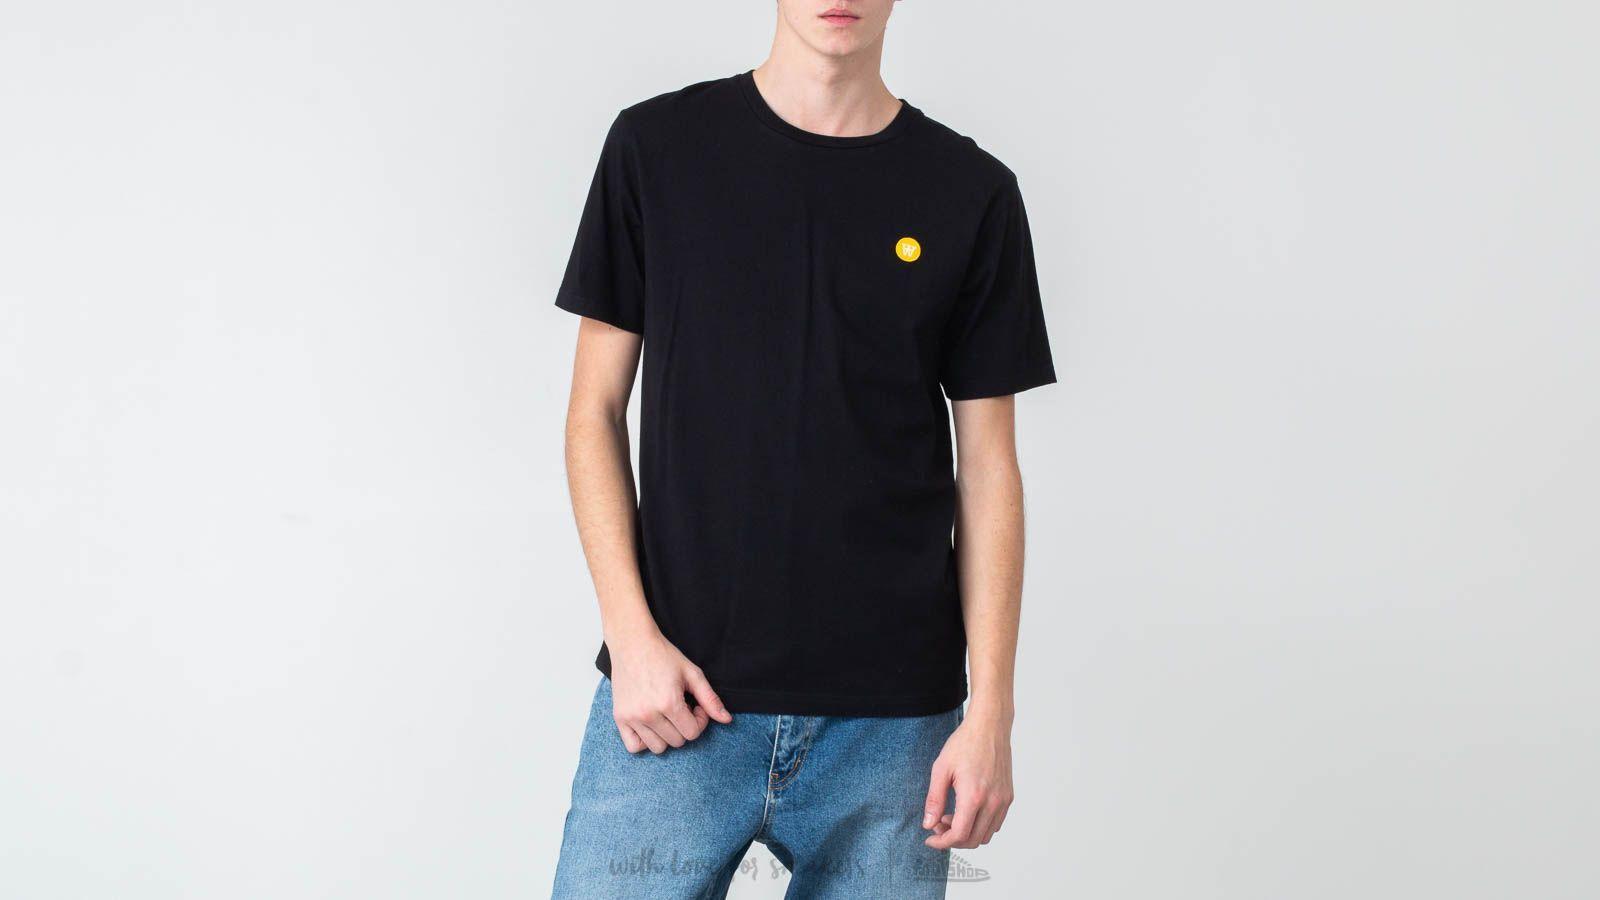 WOOD WOOD Ace T-Shirt Black za skvělou cenu 640 Kč koupíte na Footshop.cz